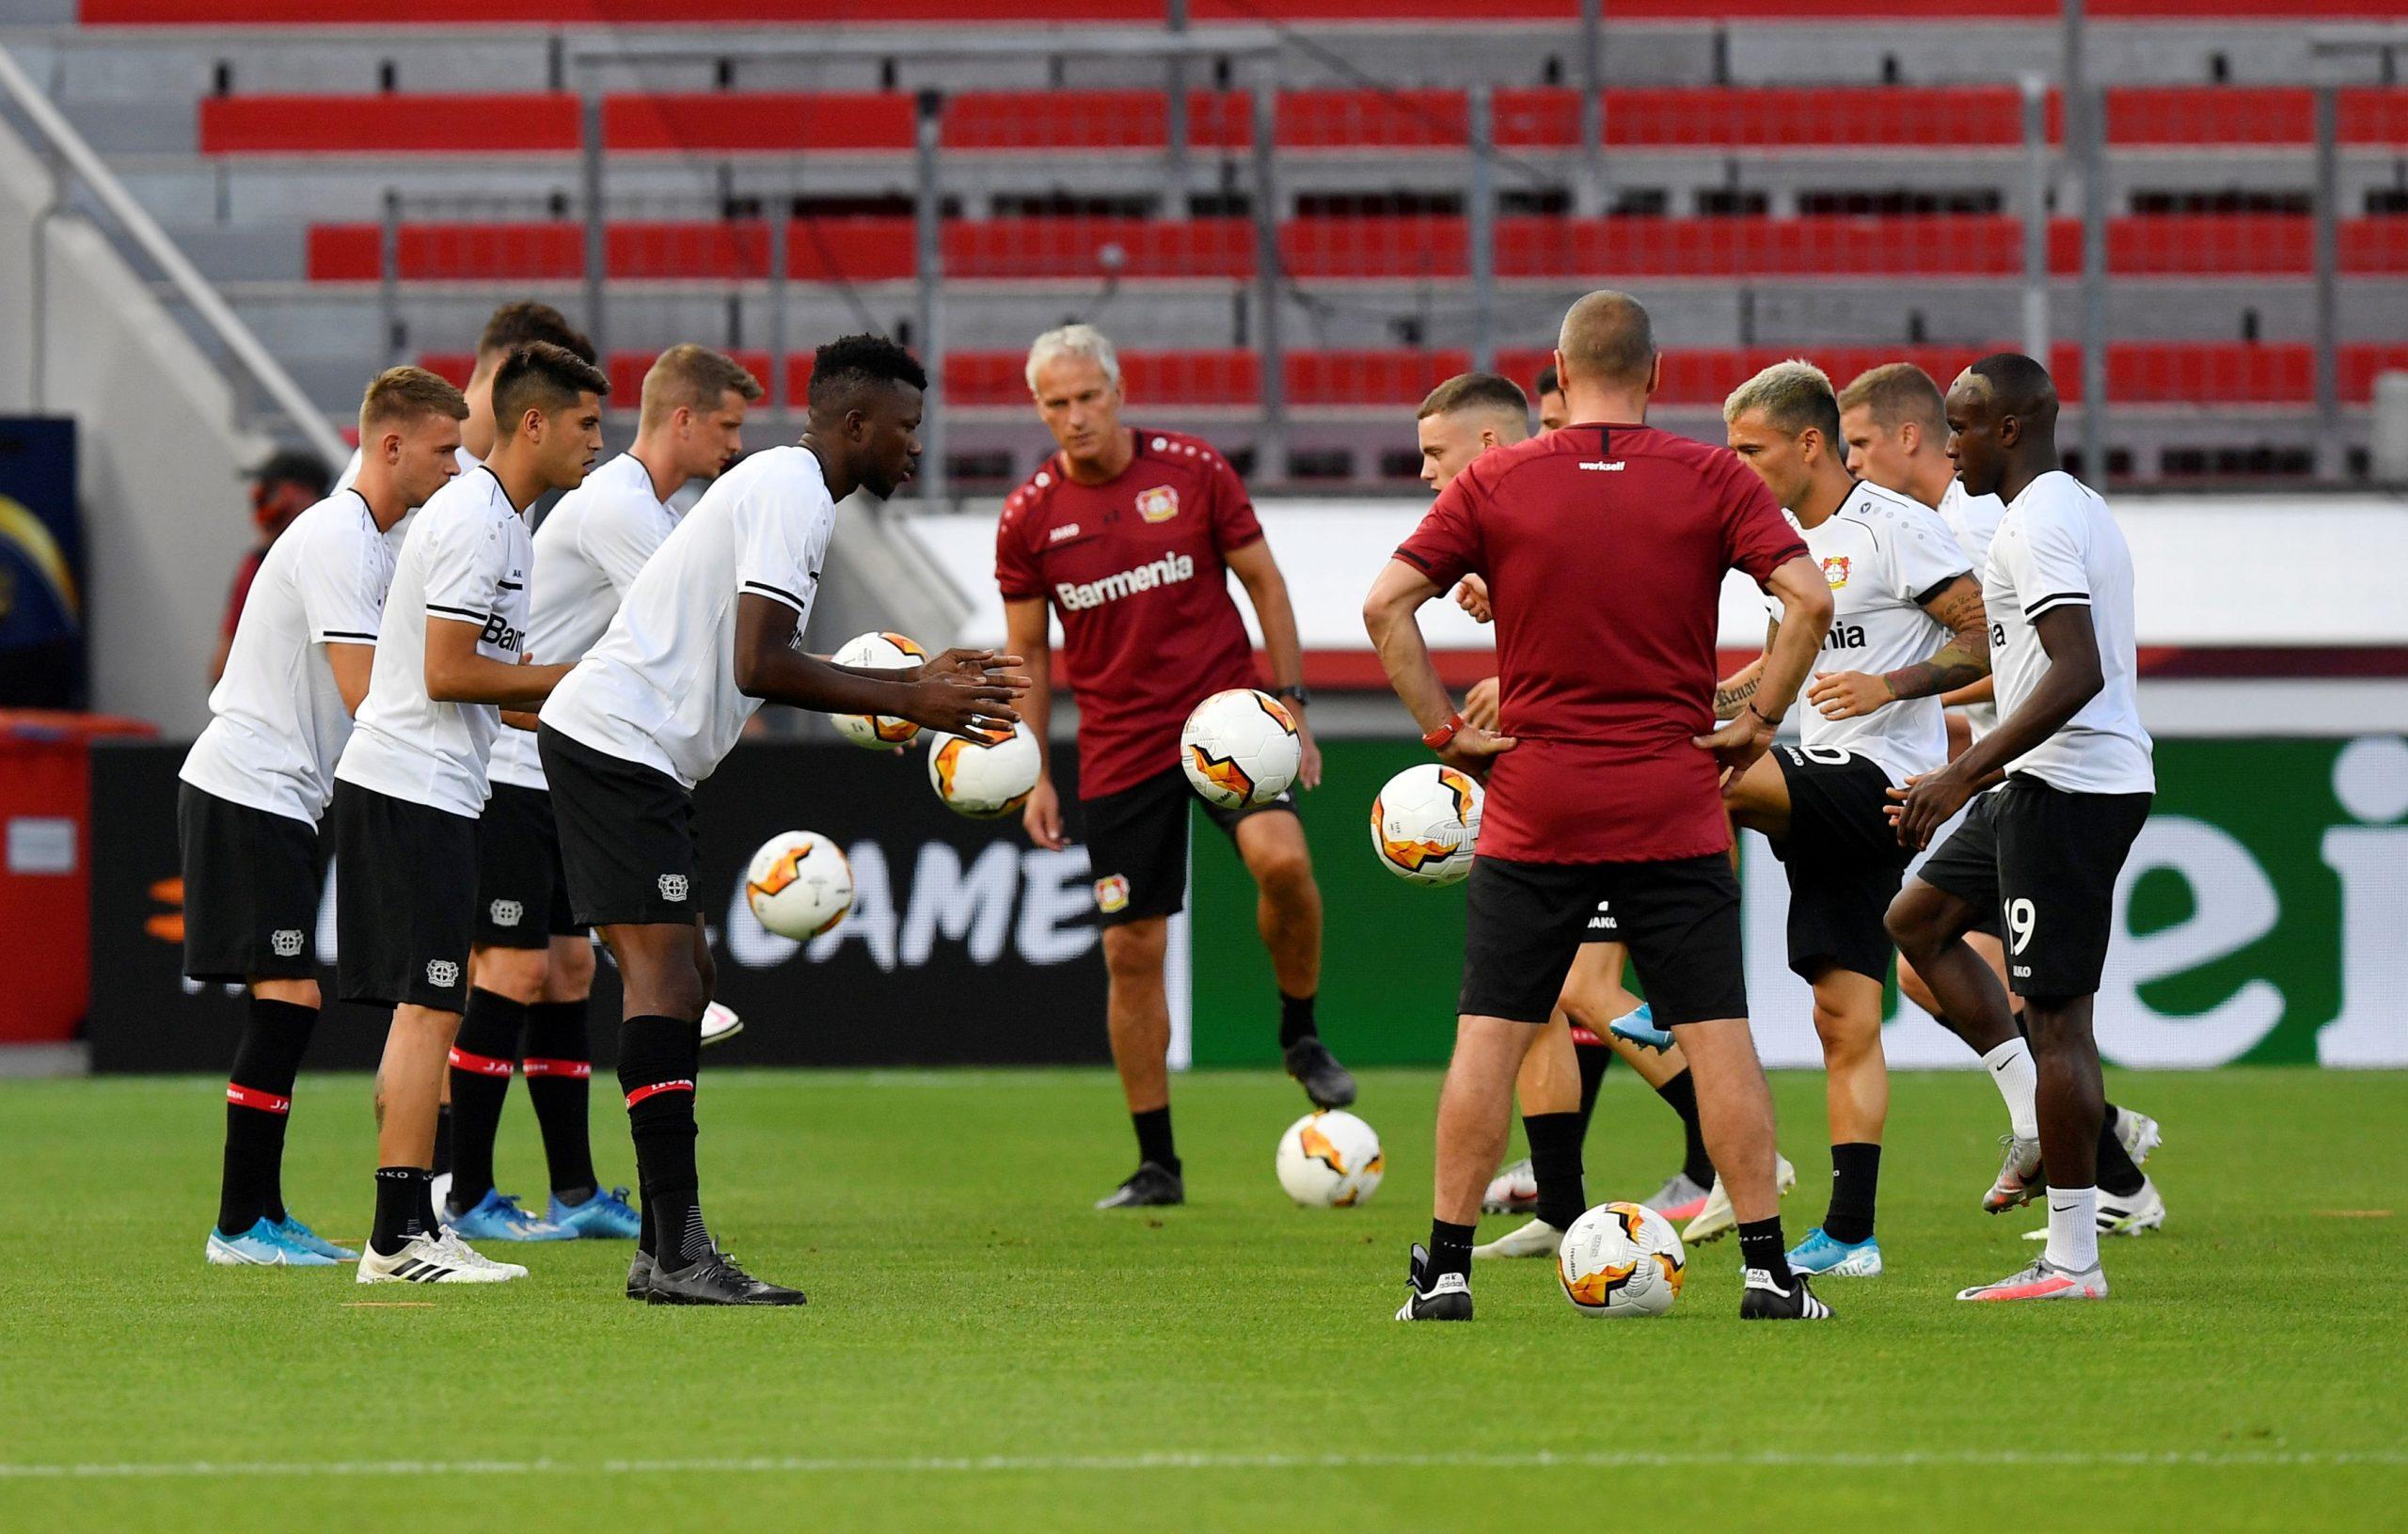 Igrači Bayera na zagrijavanju prije utakmice/Foto REUTERS